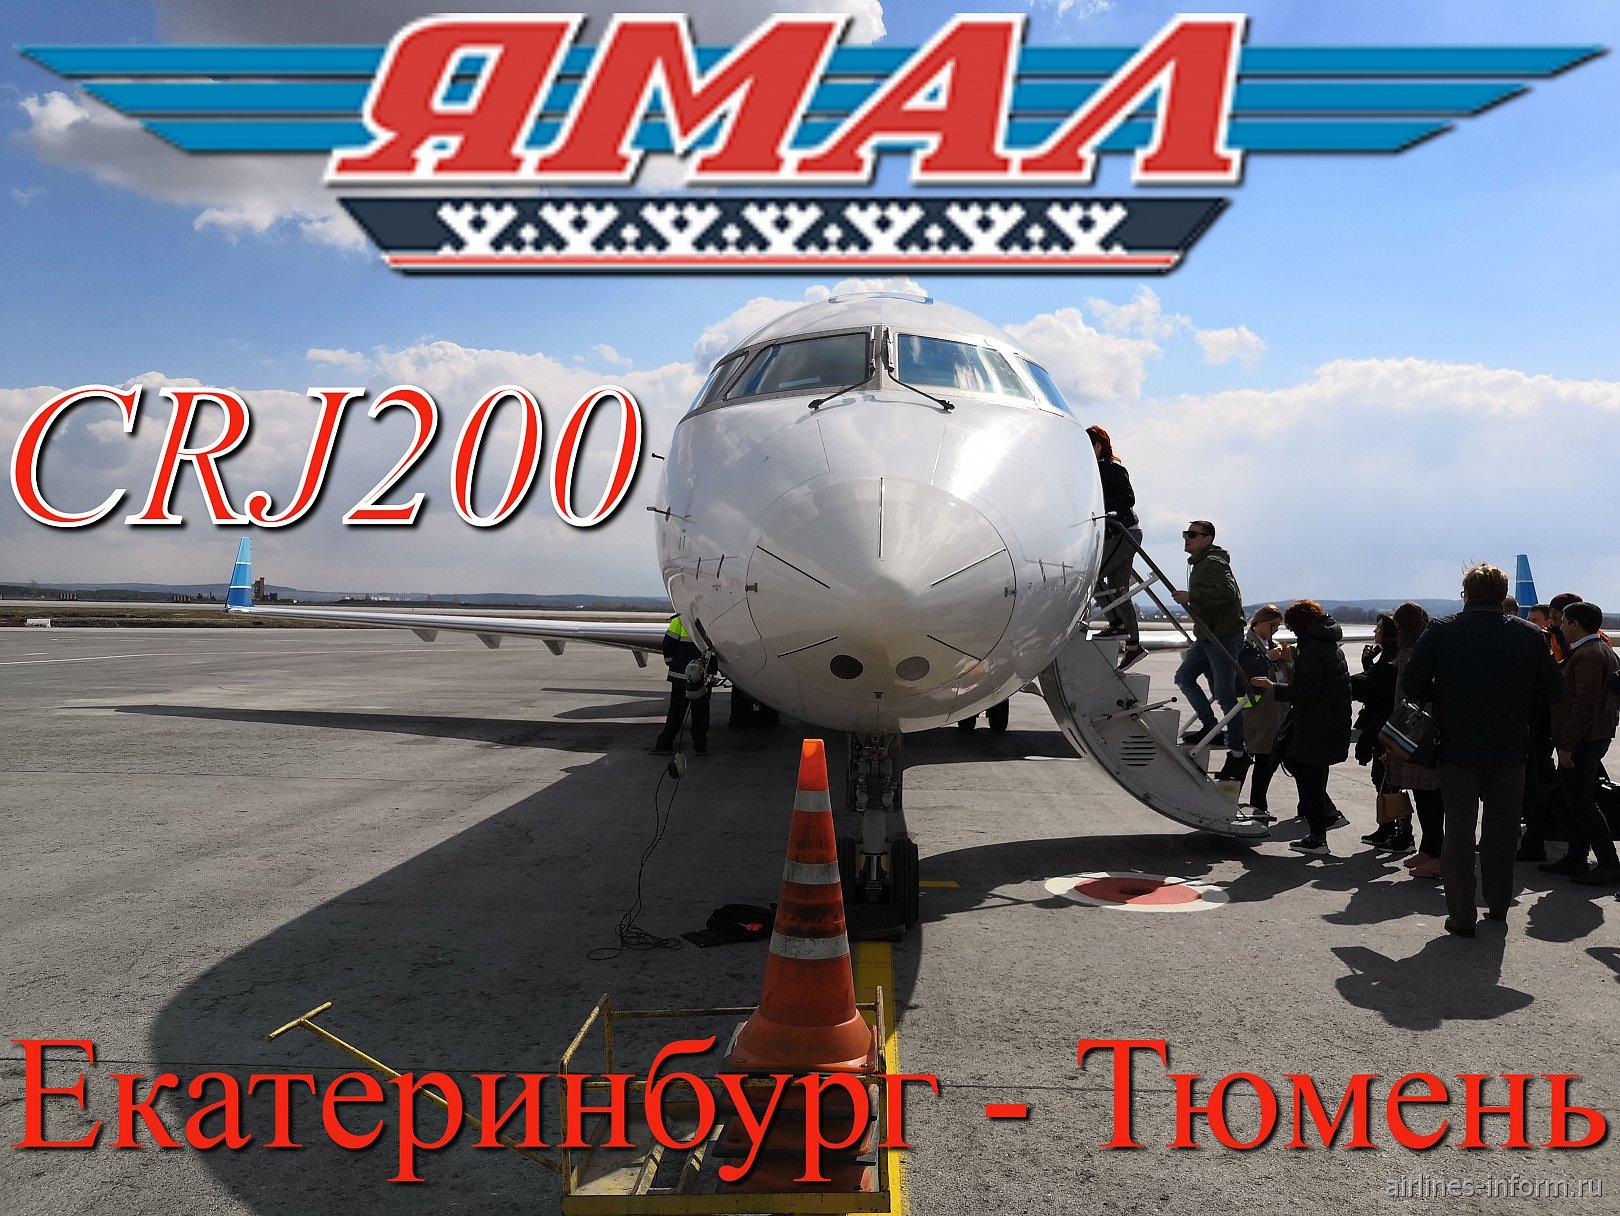 Ямал из Екатеринбурга в Тюмень